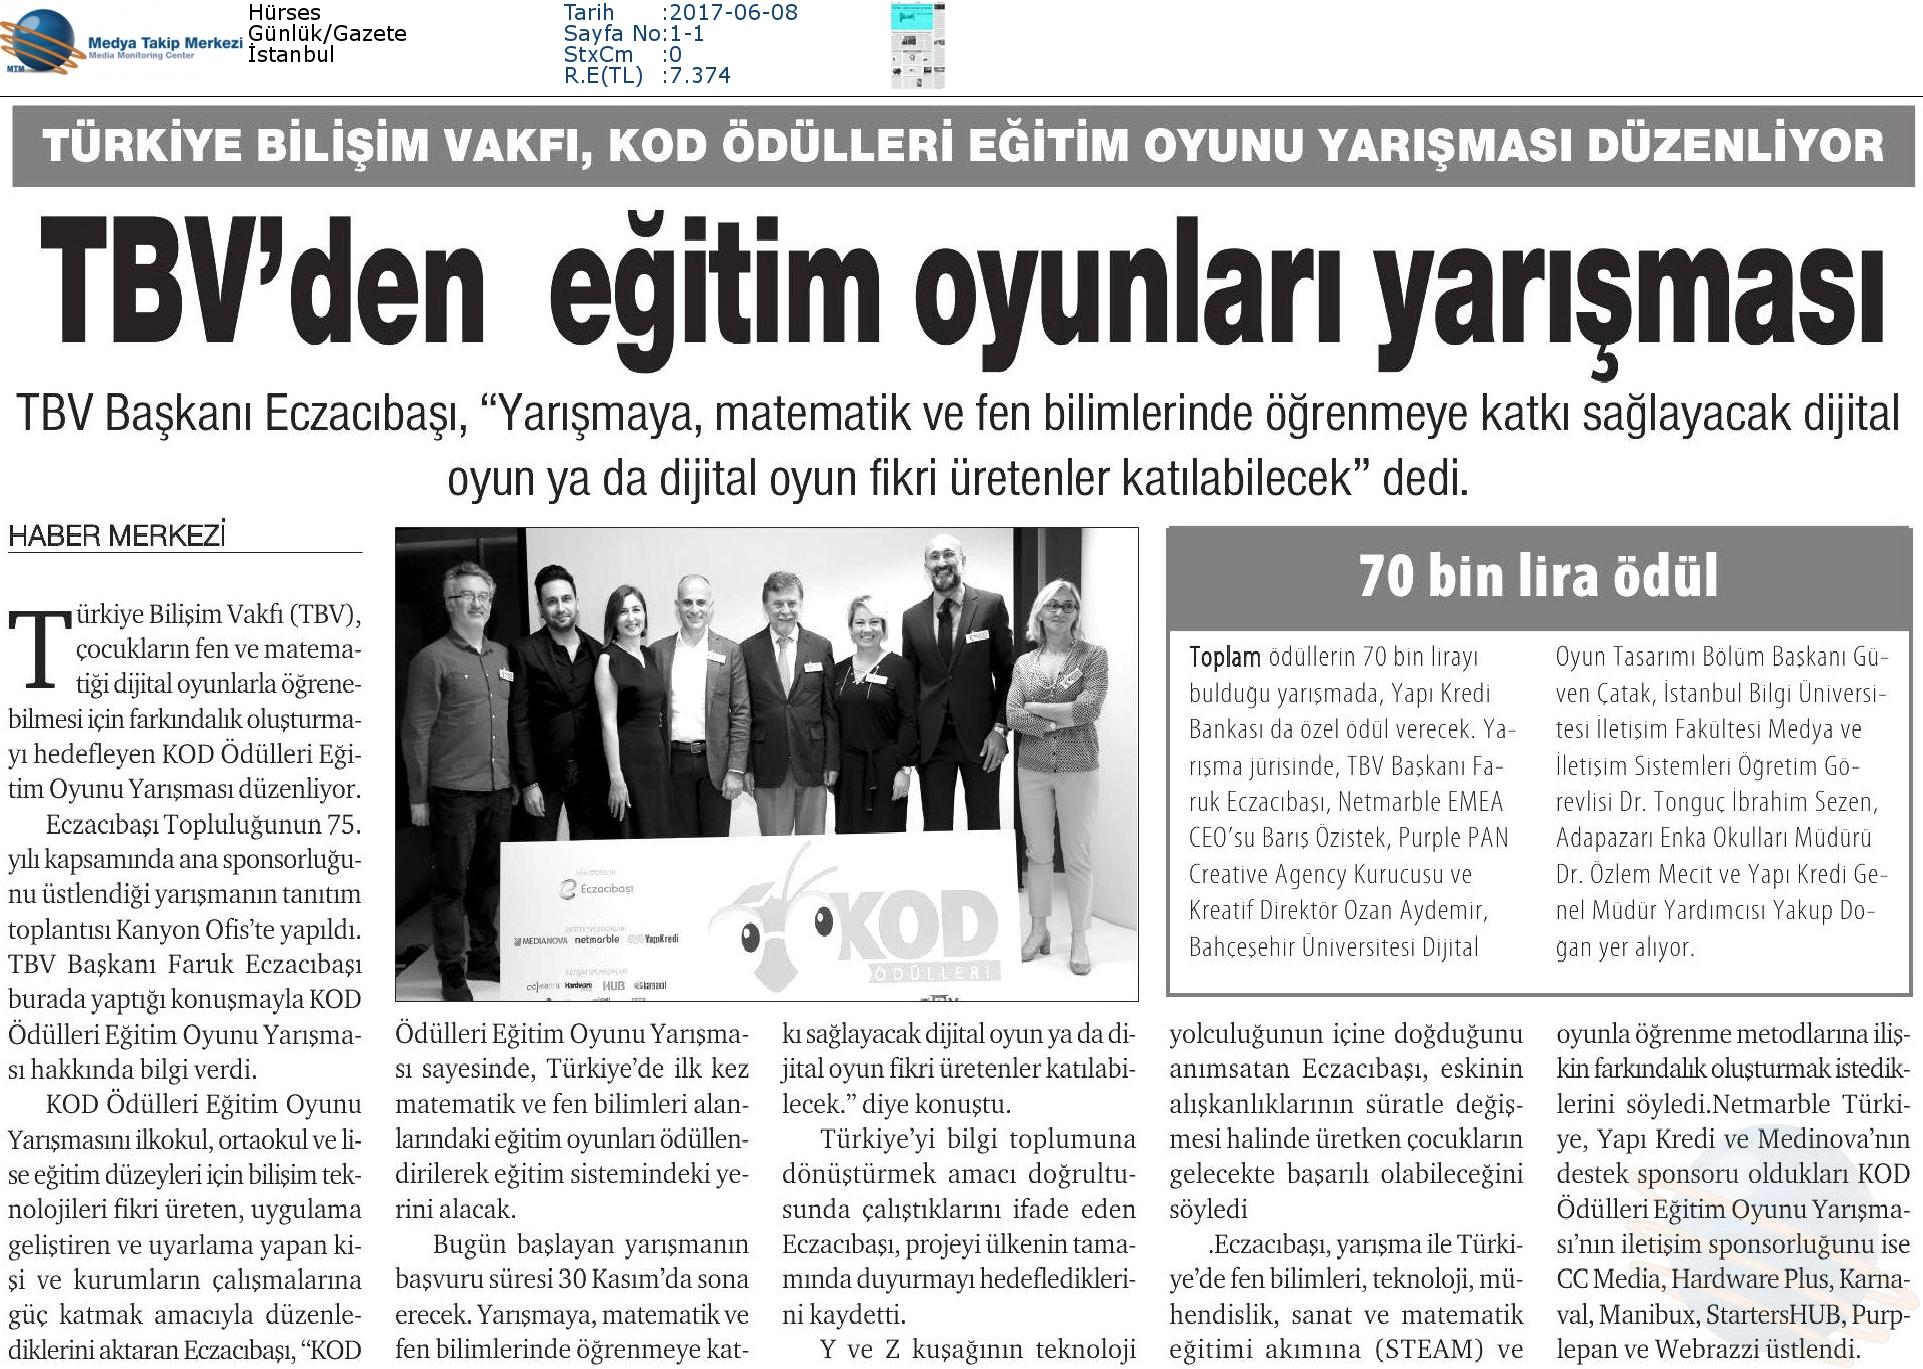 Hürses-TBVDEN_EĞİTİM_OYUNLARI_YARIŞMASI-08.06.2017(1)